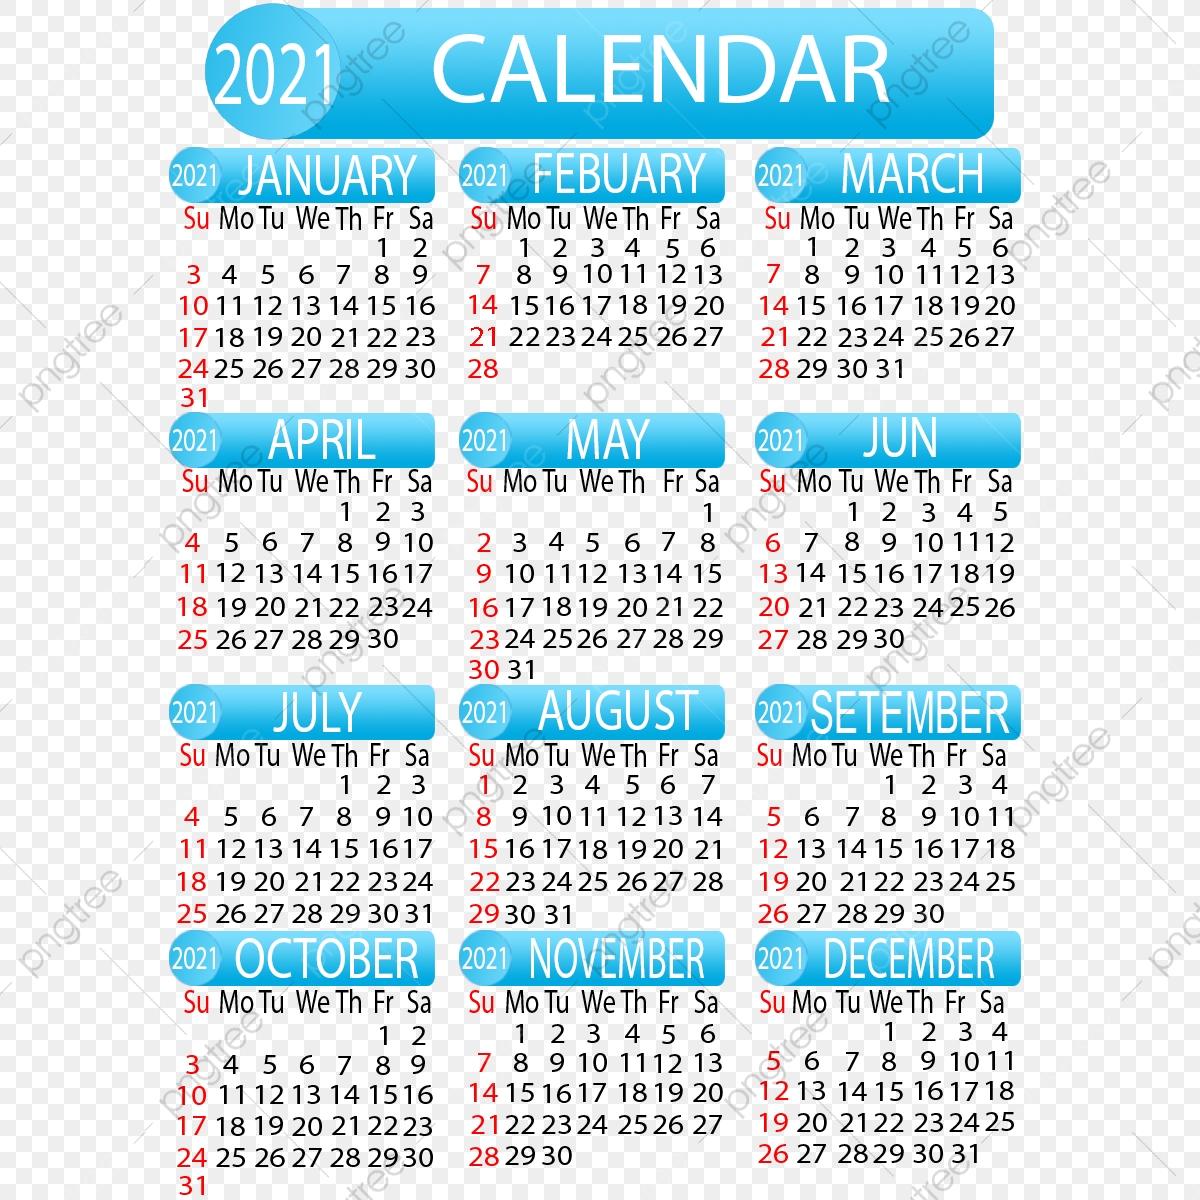 Islamic Date Calendar 2021 | 2021 Calendar with Islamic Calendar Date Today In Pakistan